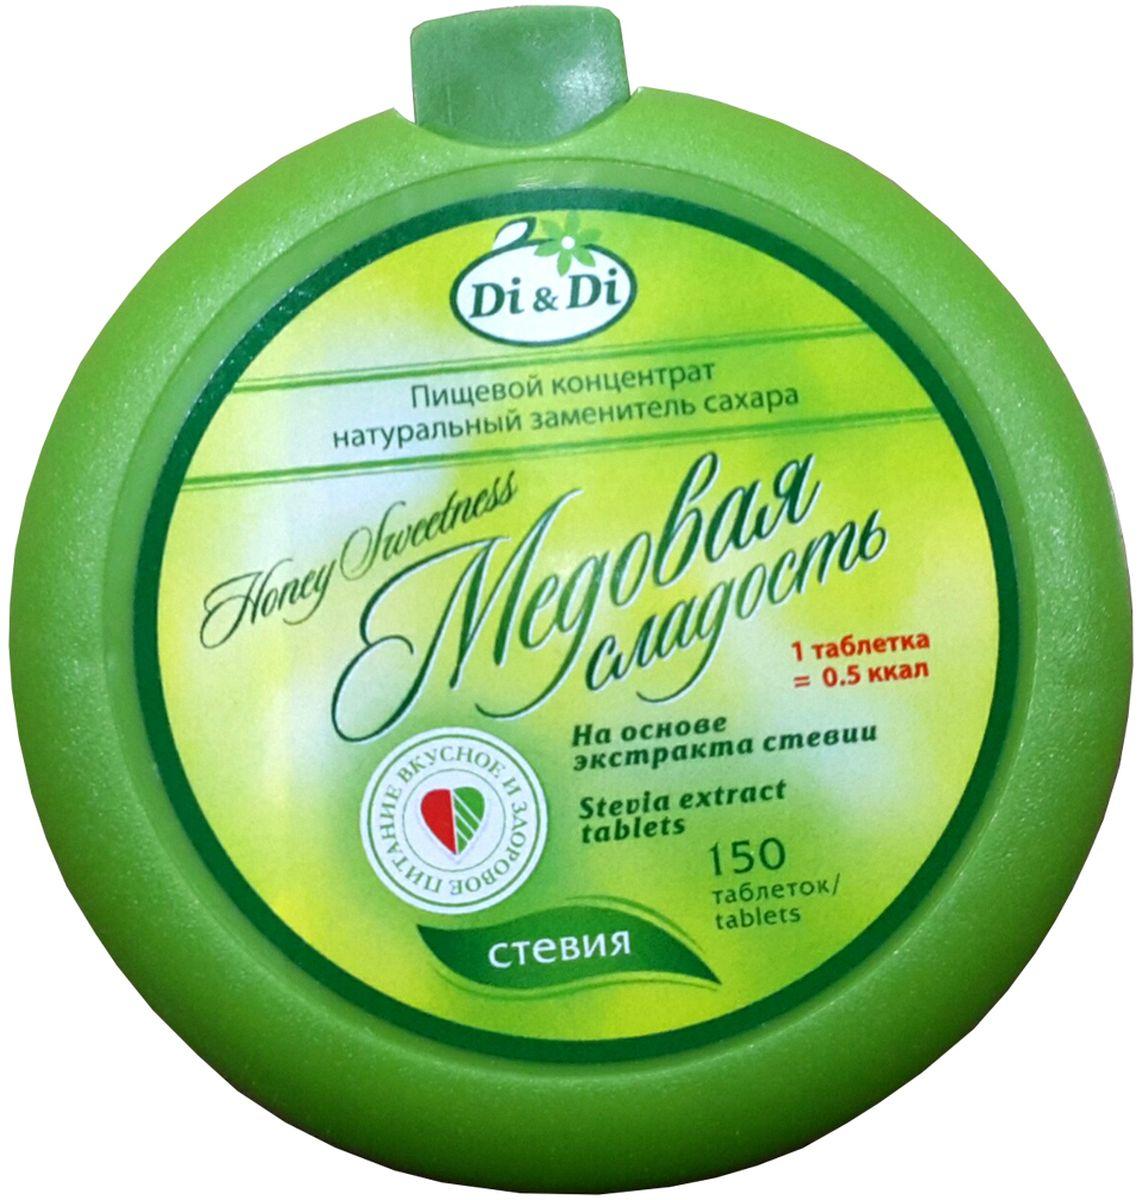 Di&Di Медовая Сладость натуральный заменитель сахара, 150 таблеток фитпарад 10 заменитель сахара на основе эритрита 200 г